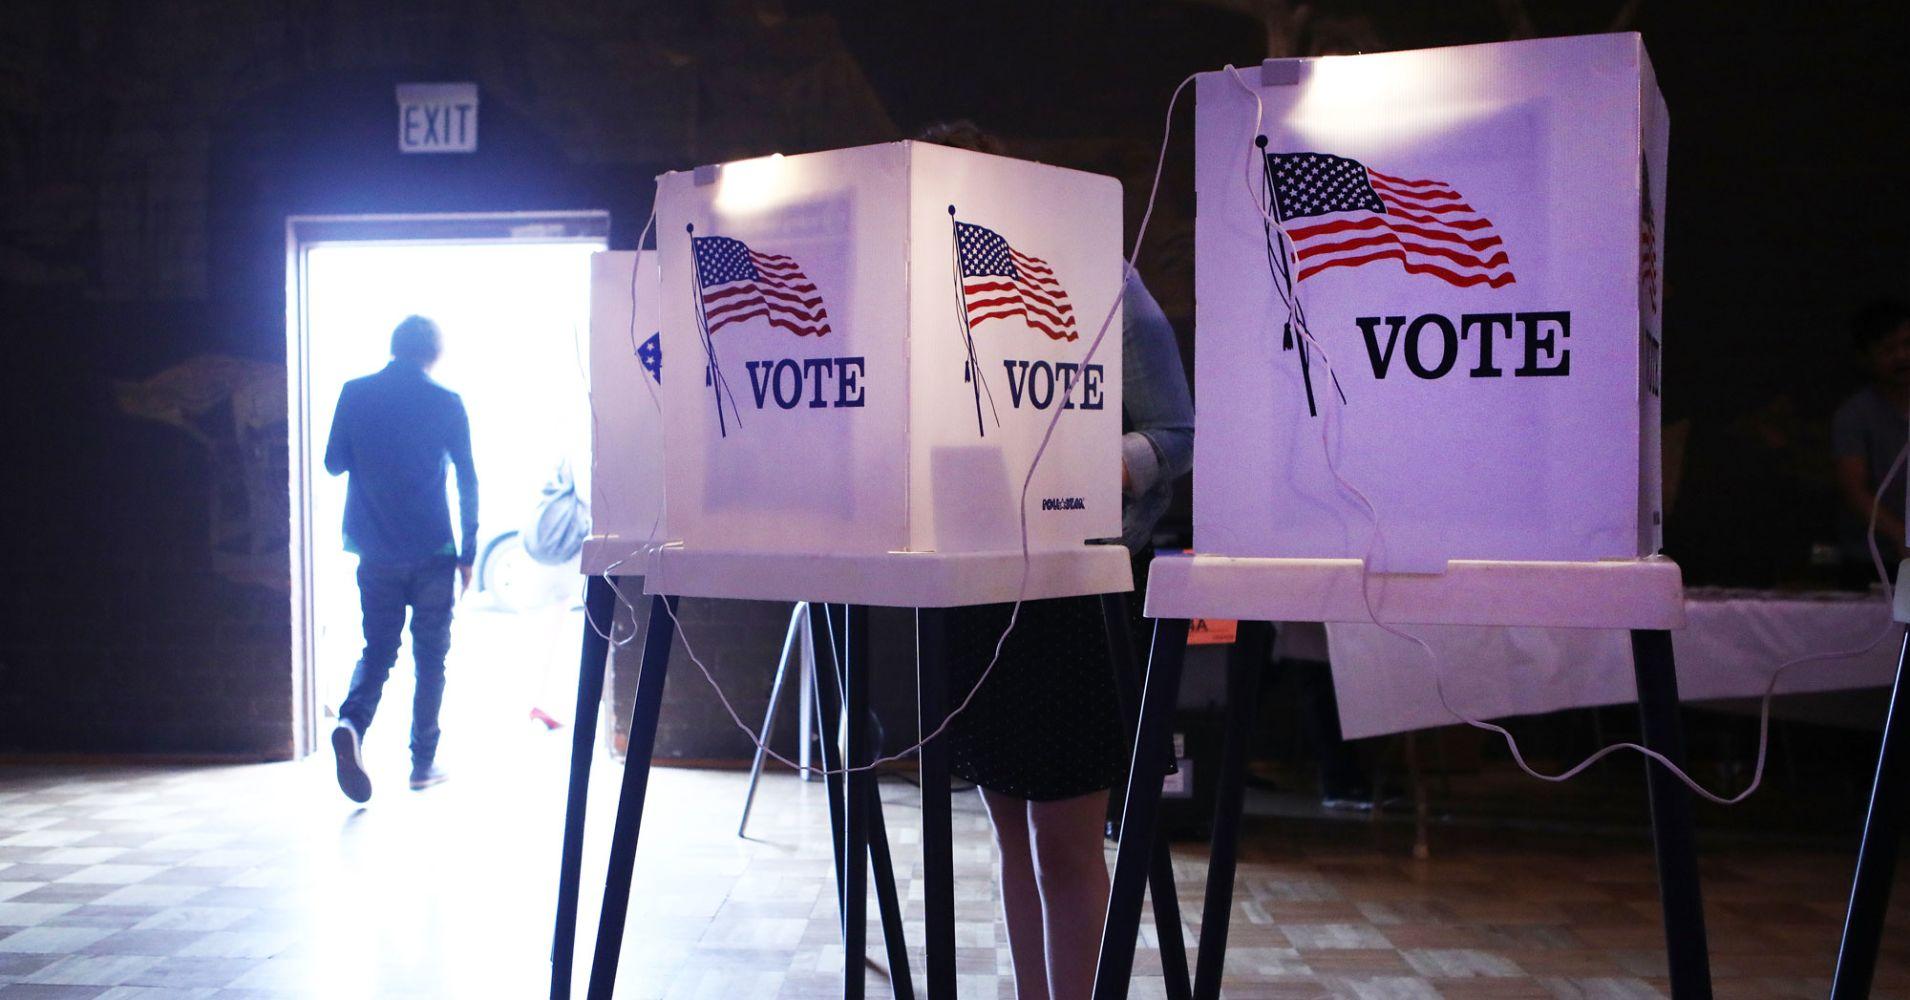 Elezioni di Midterm: quale futuro per gli Stati Uniti?